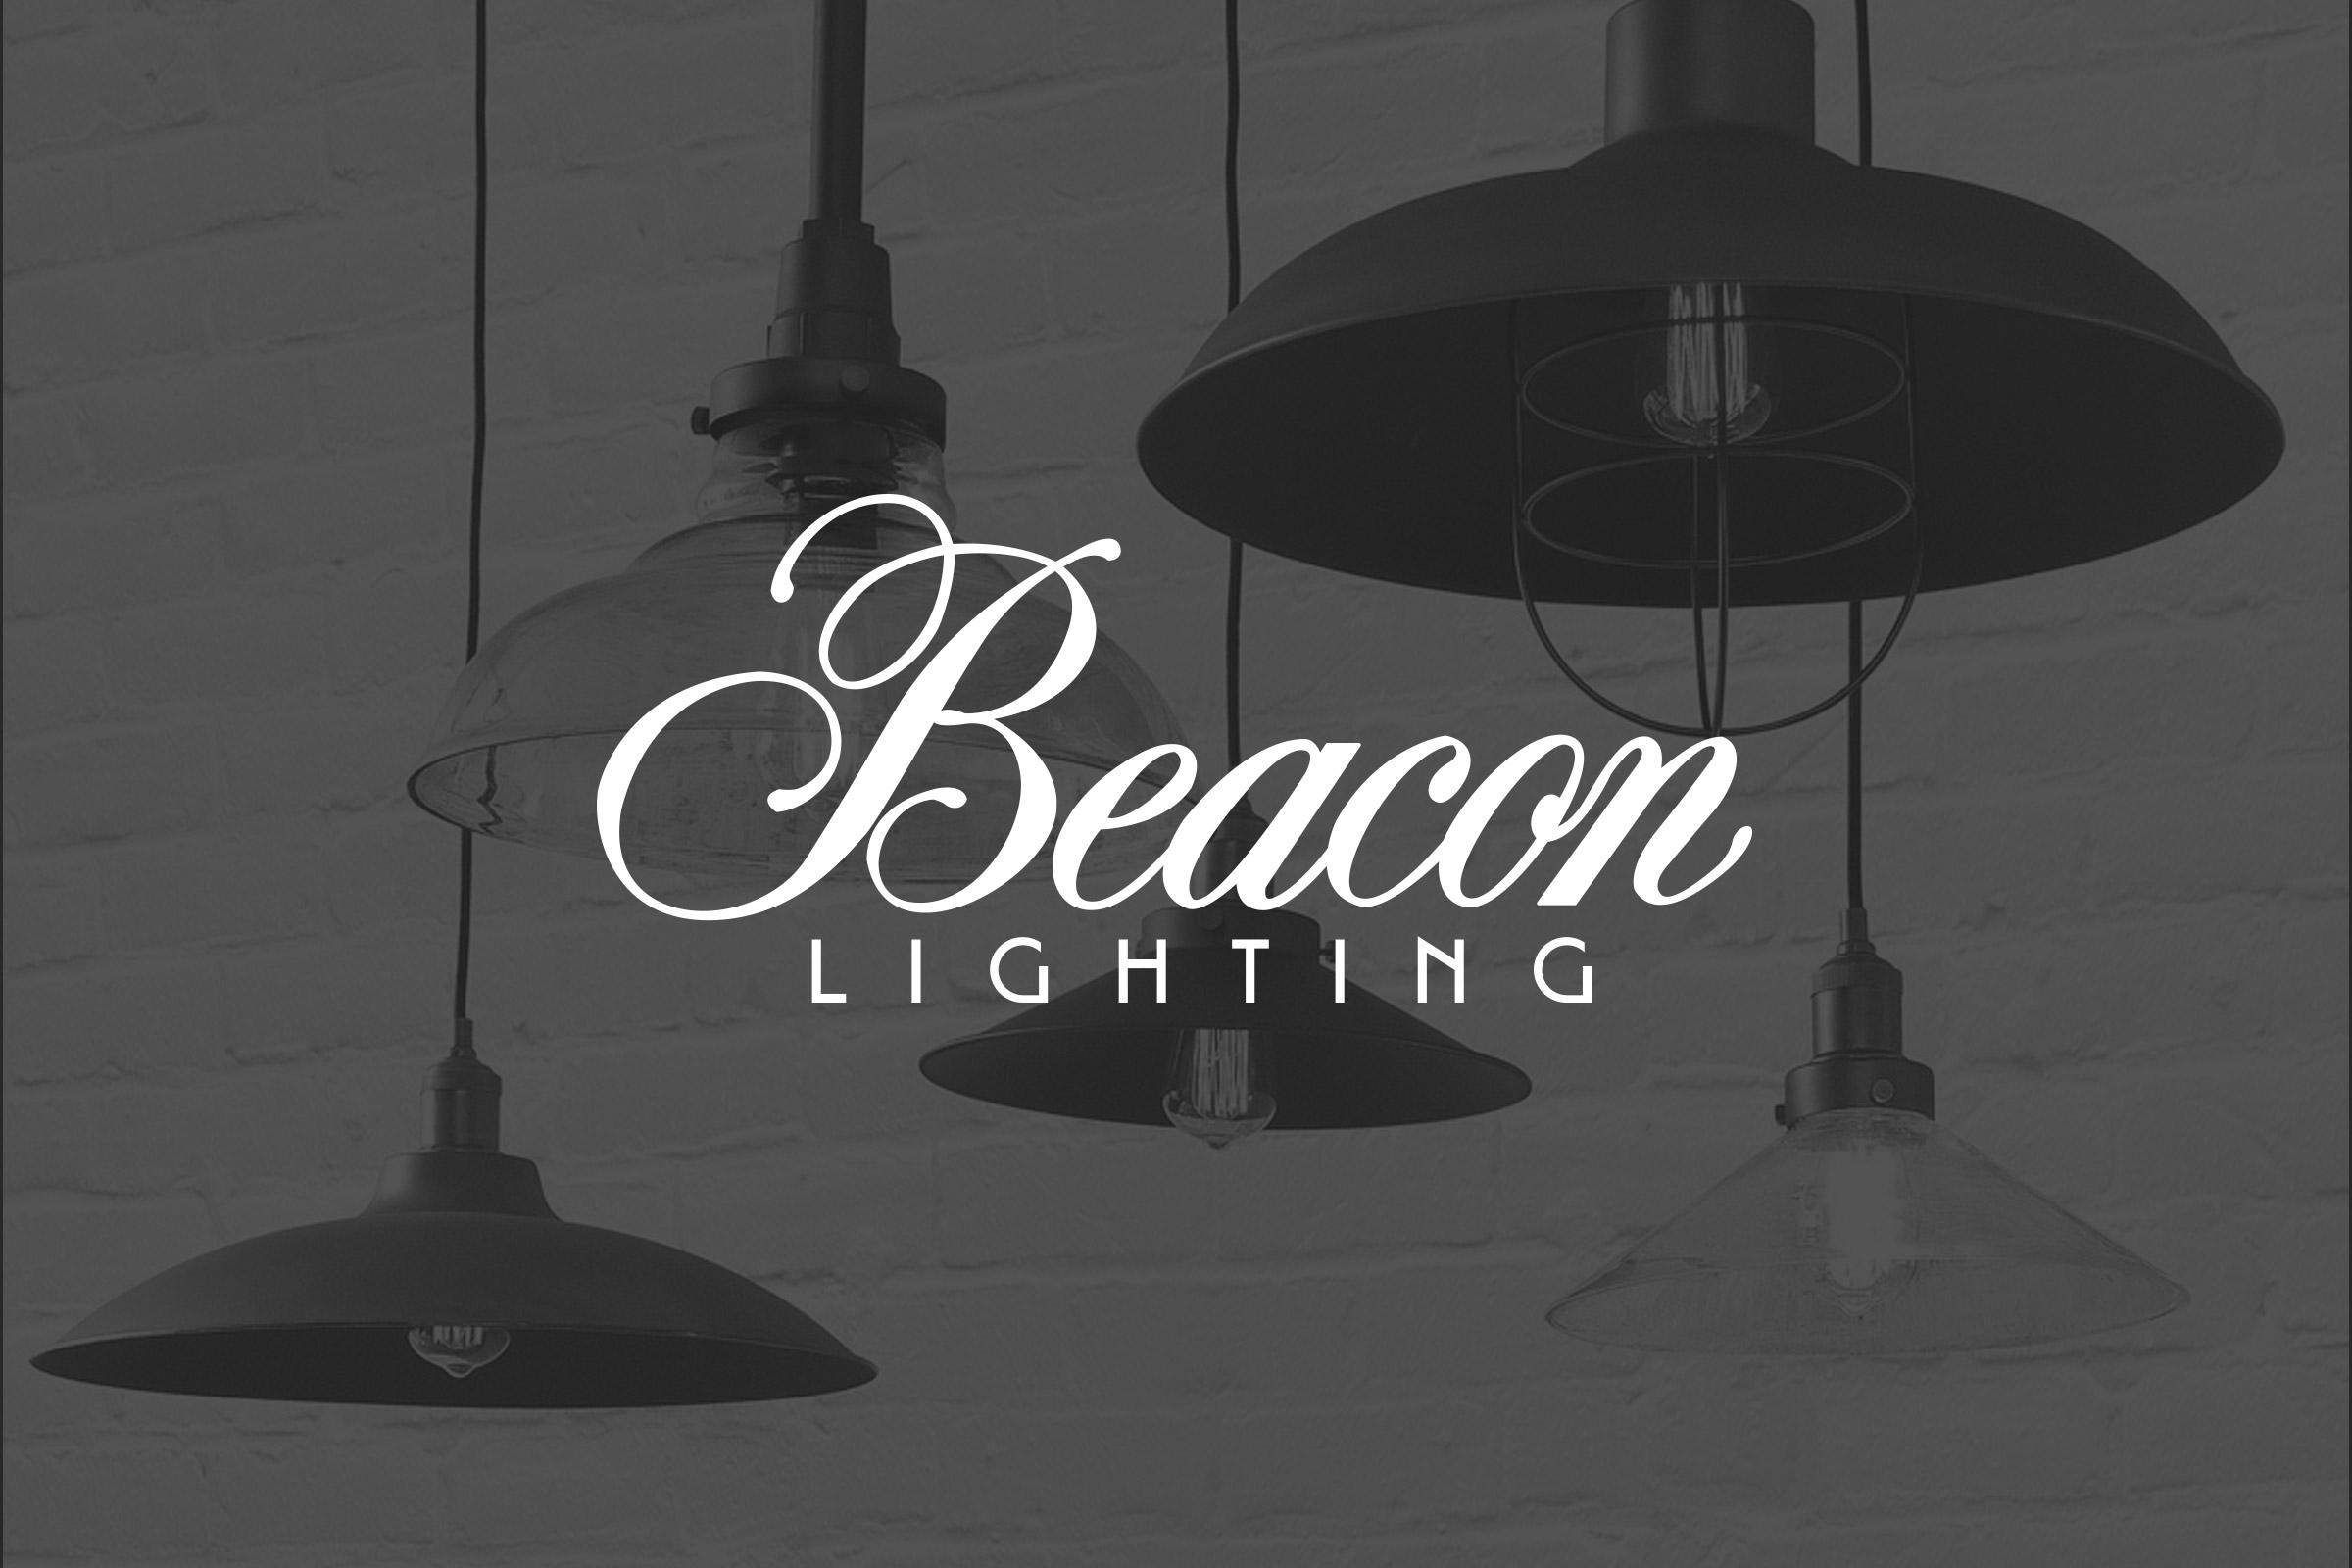 Beacon_@2x